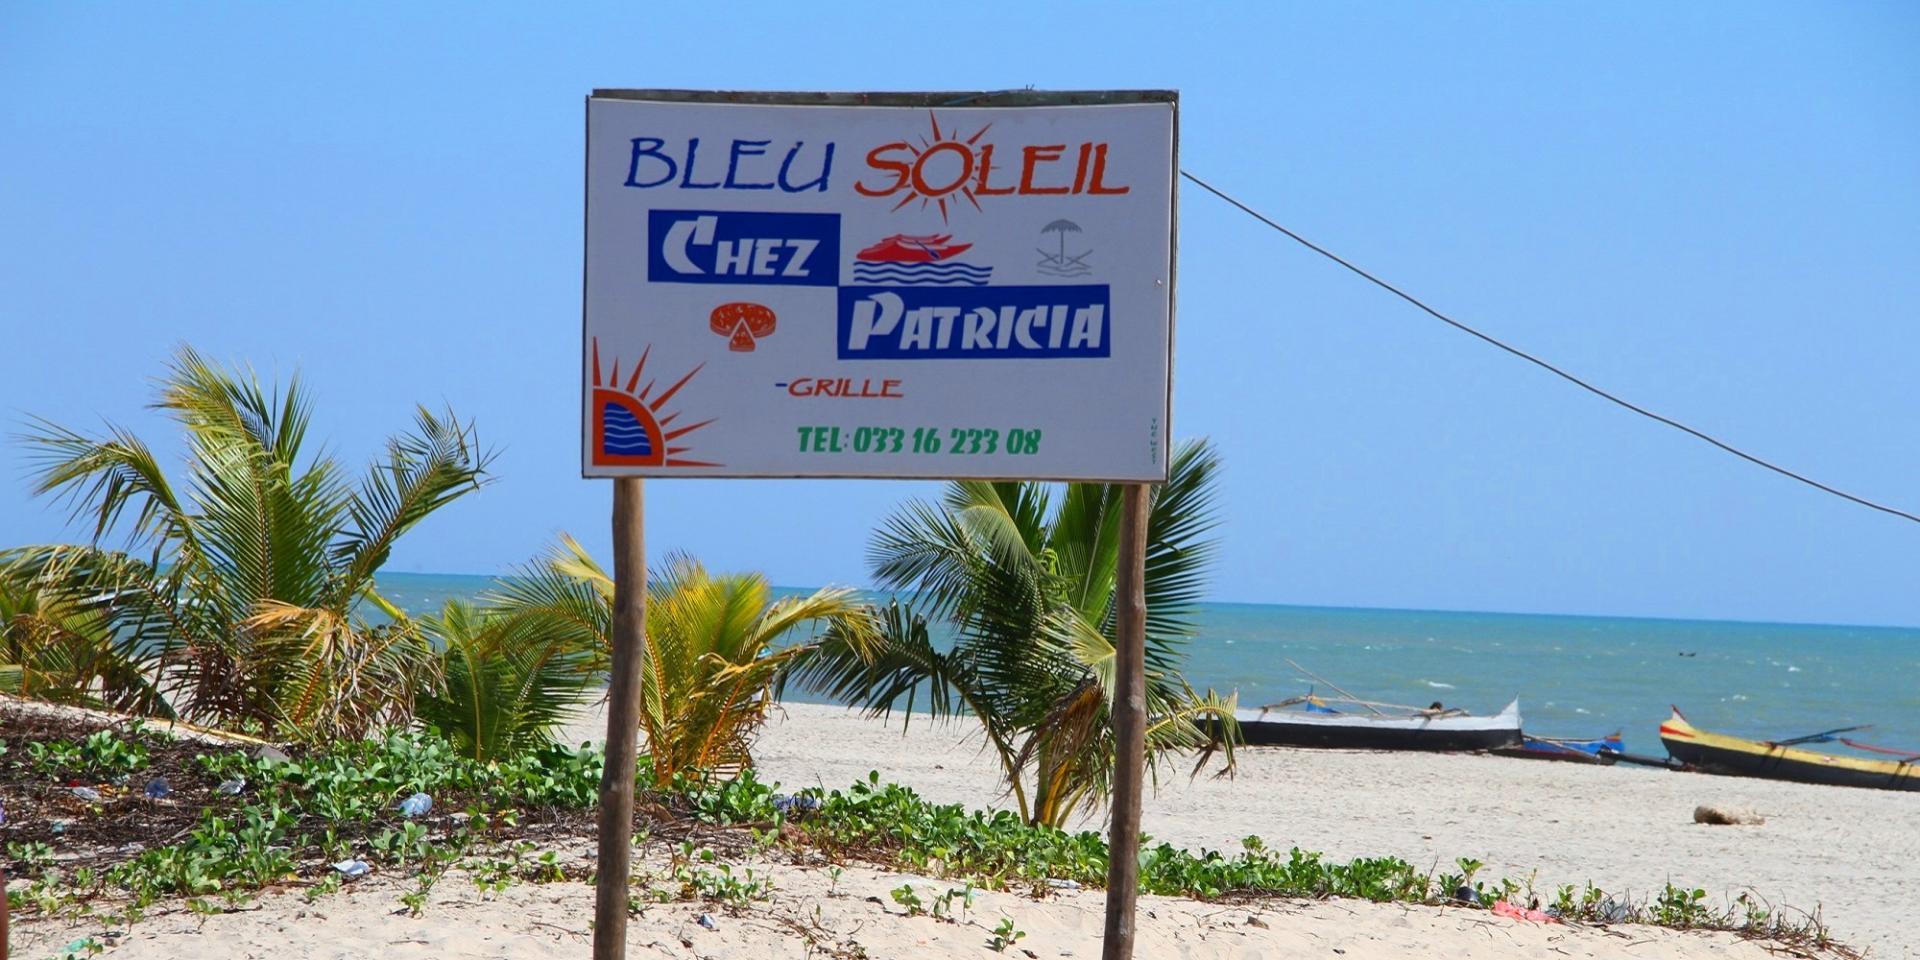 Restaurant bleu soleil 2000 1000